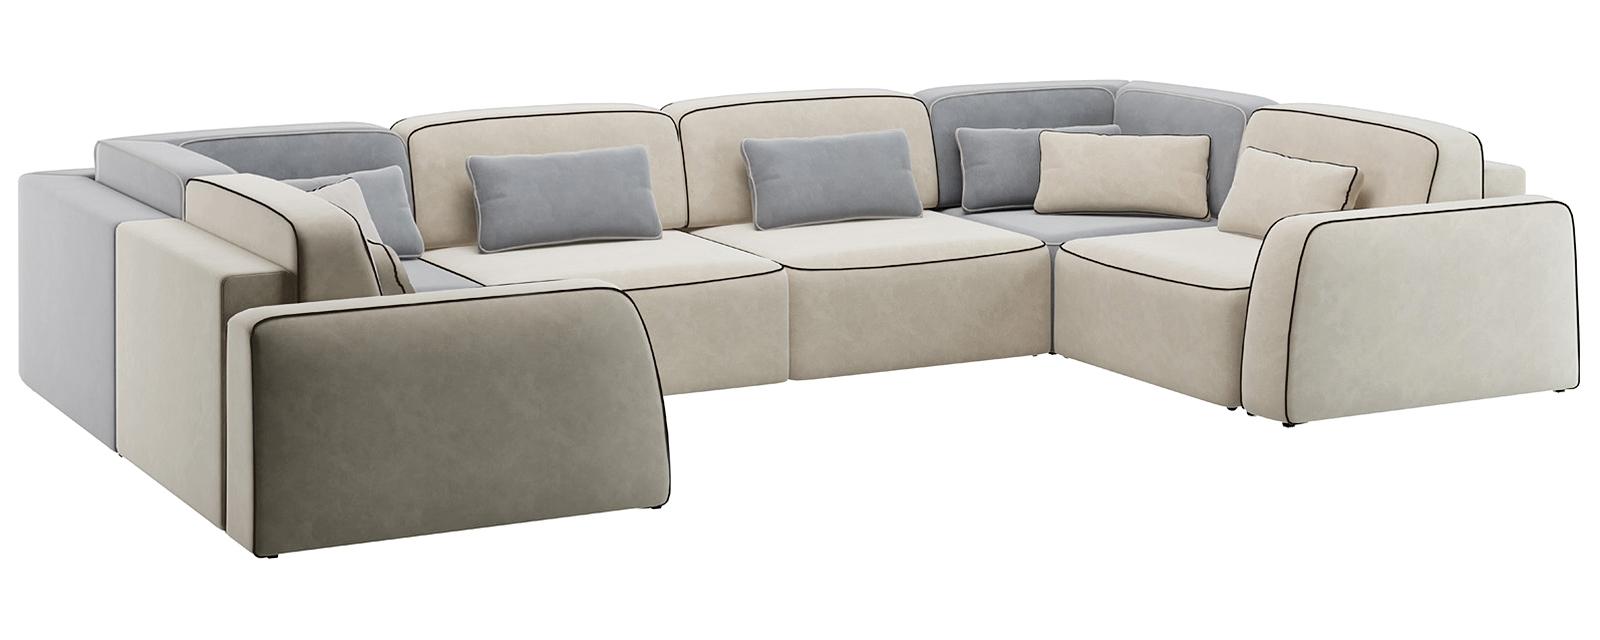 Модульный диван Портленд П-образный Вариант №2 Velutto серый/бежевый (Велюр)